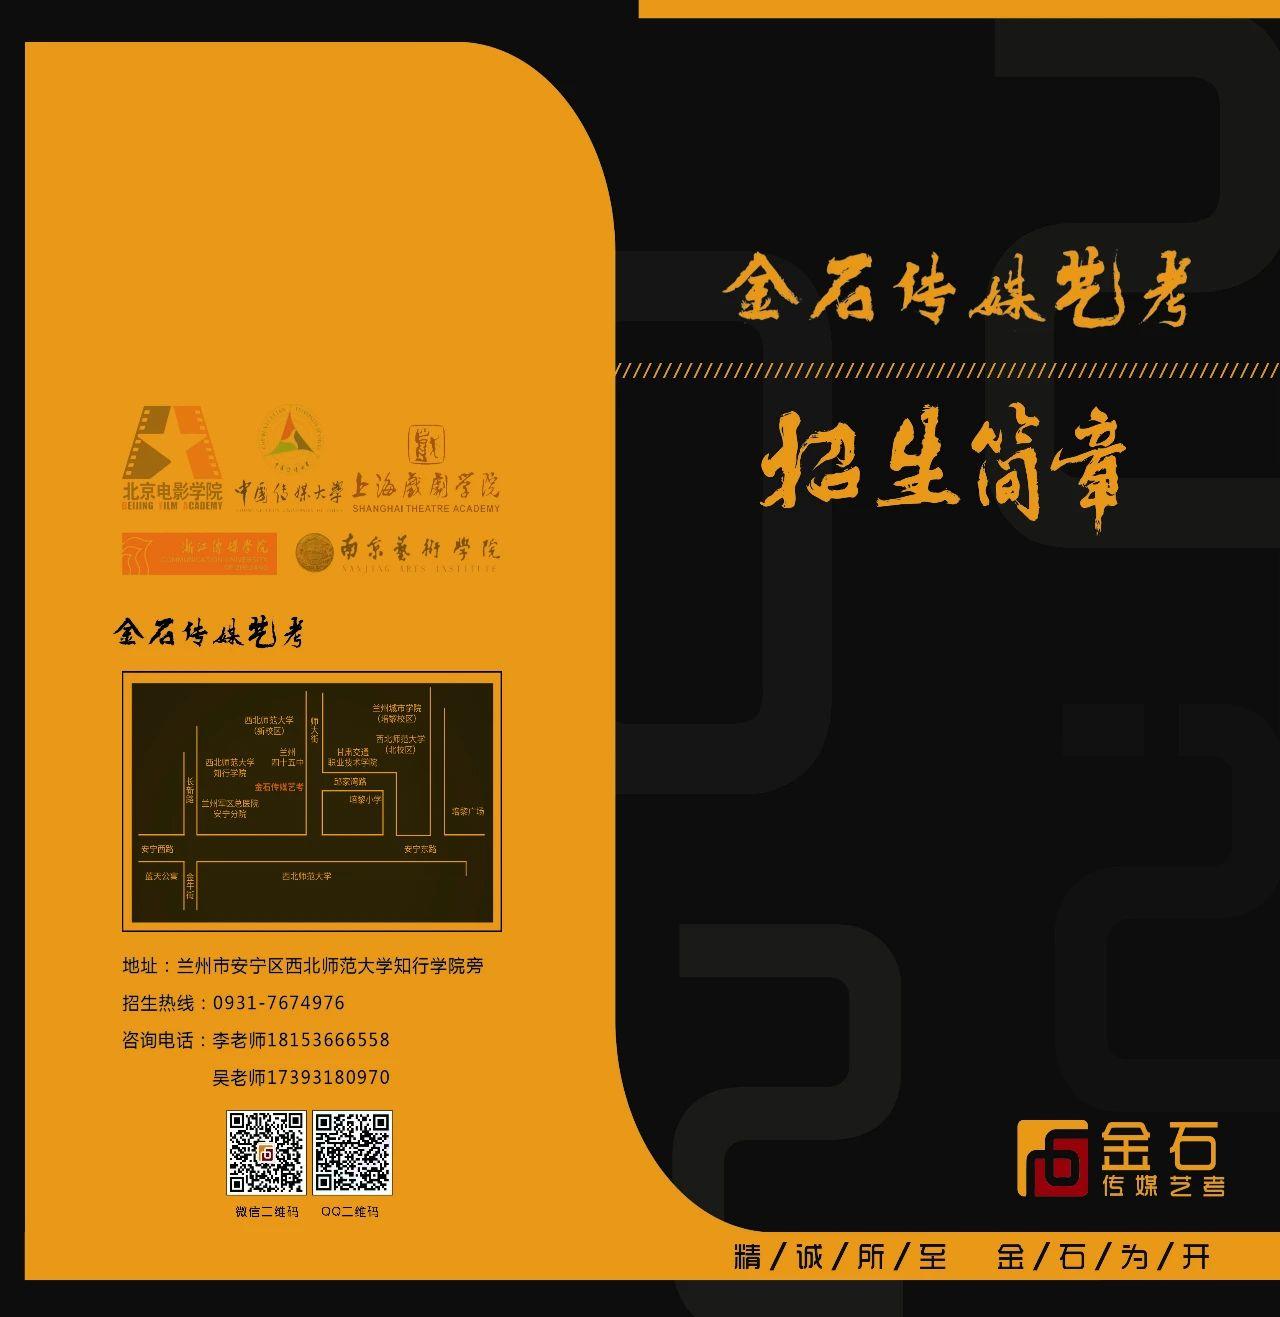 2021年甘肃省普通高校招生录取工作日程安排